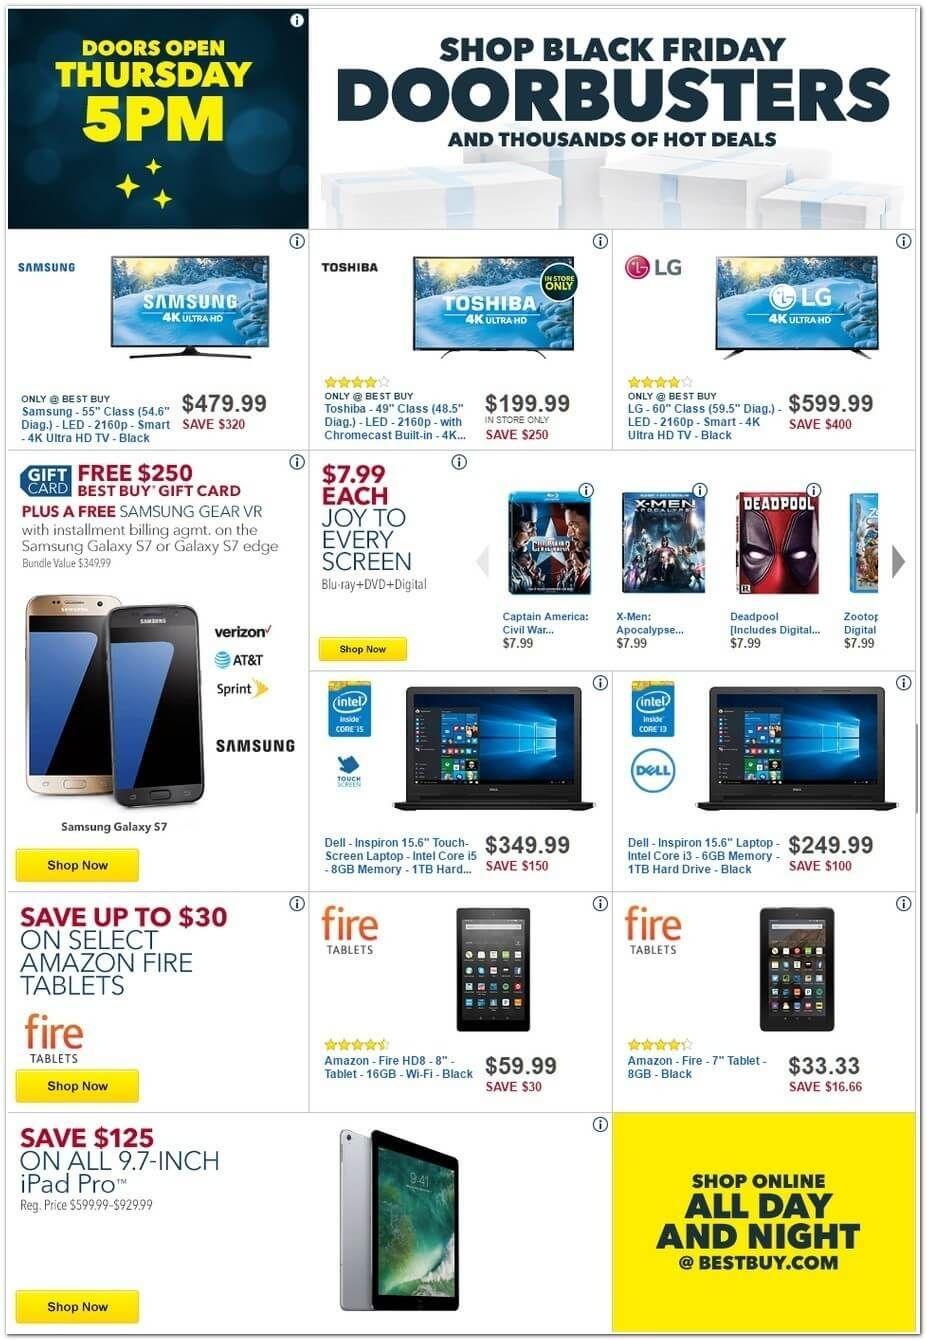 Best Buy Black Friday 2016 Ad Http Www Olcatalog Com Electronics Best Buy Black Friday Html Cool Things To Buy Black Friday Stores Black Friday Deals